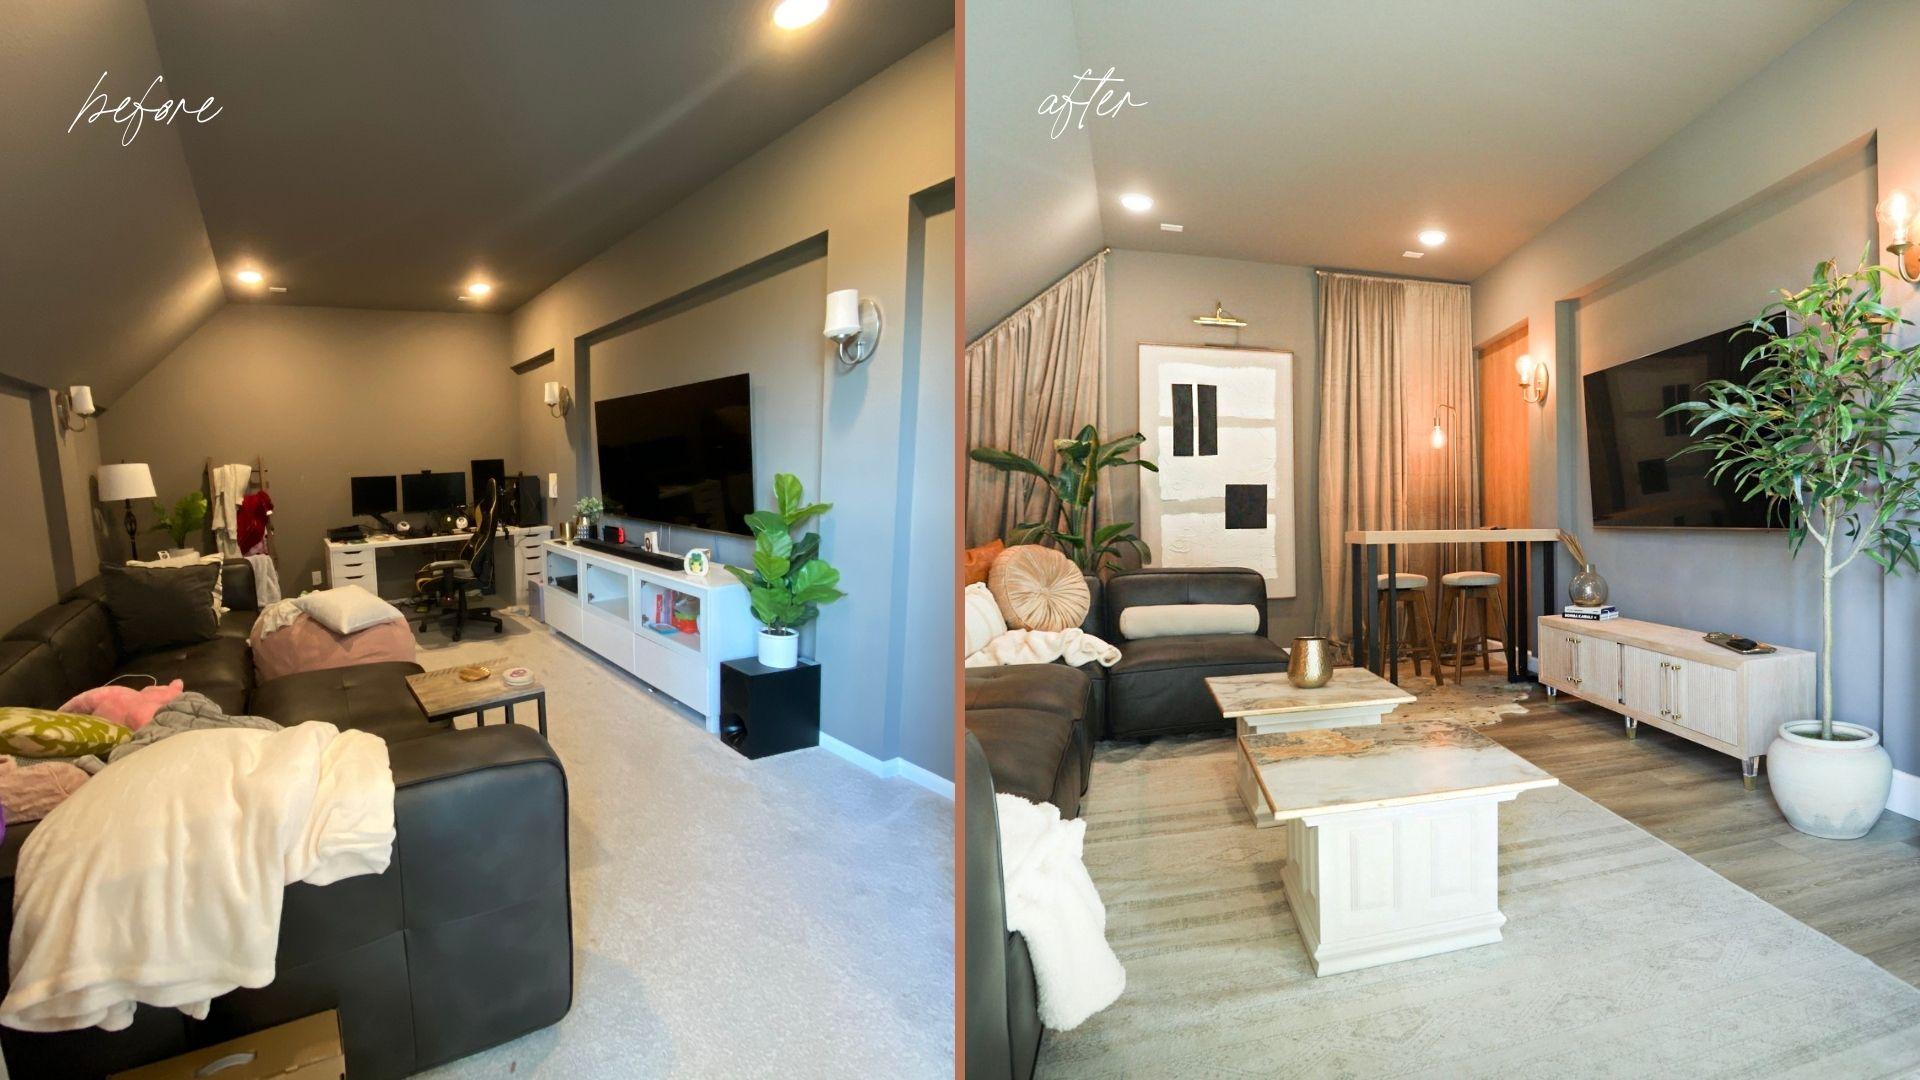 diy media room makeover project by top US home DIY blogger, Never Skip Brunch